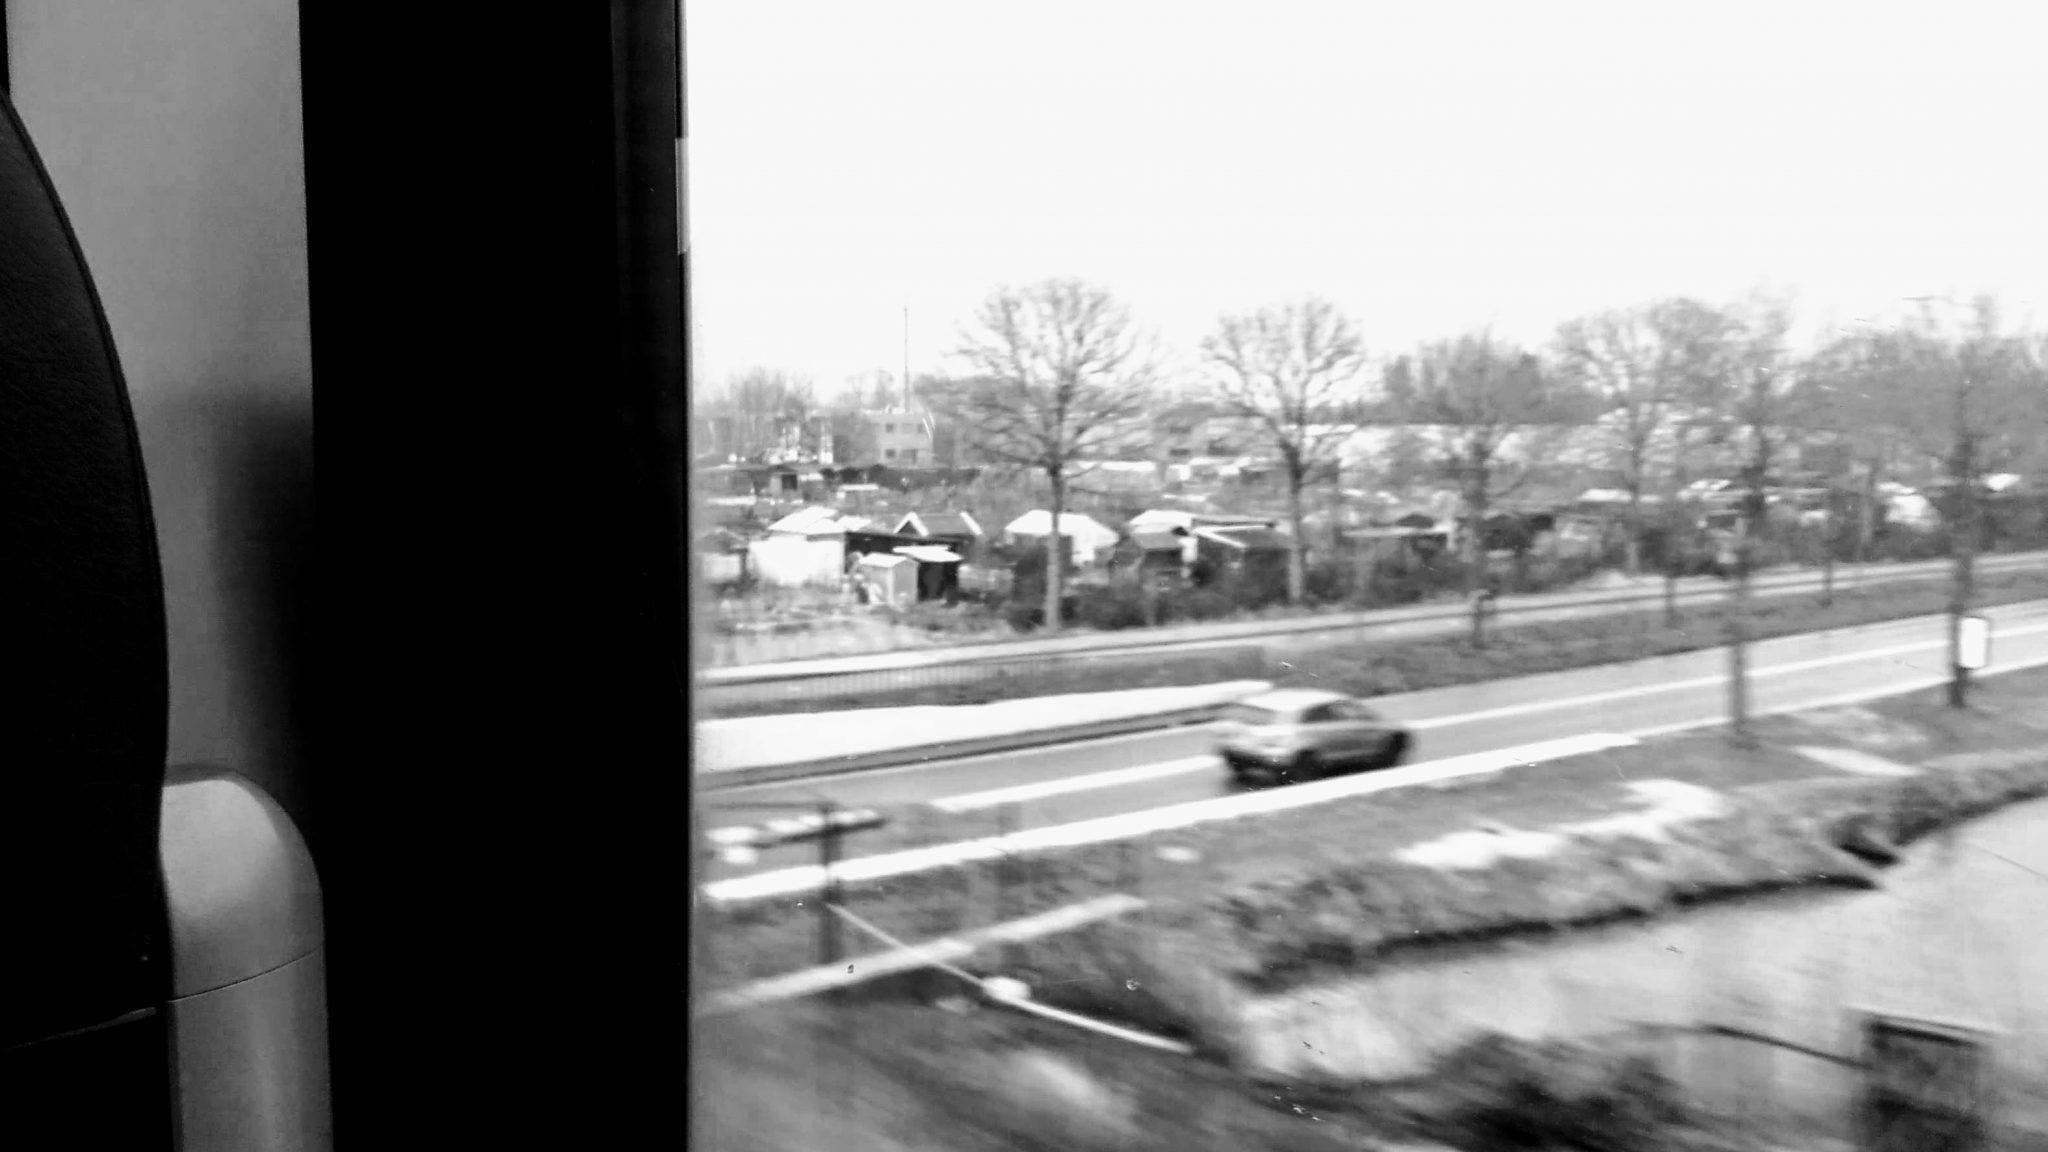 een foto die ik nam vanuit een treintje op de MerwedeLingelijn.